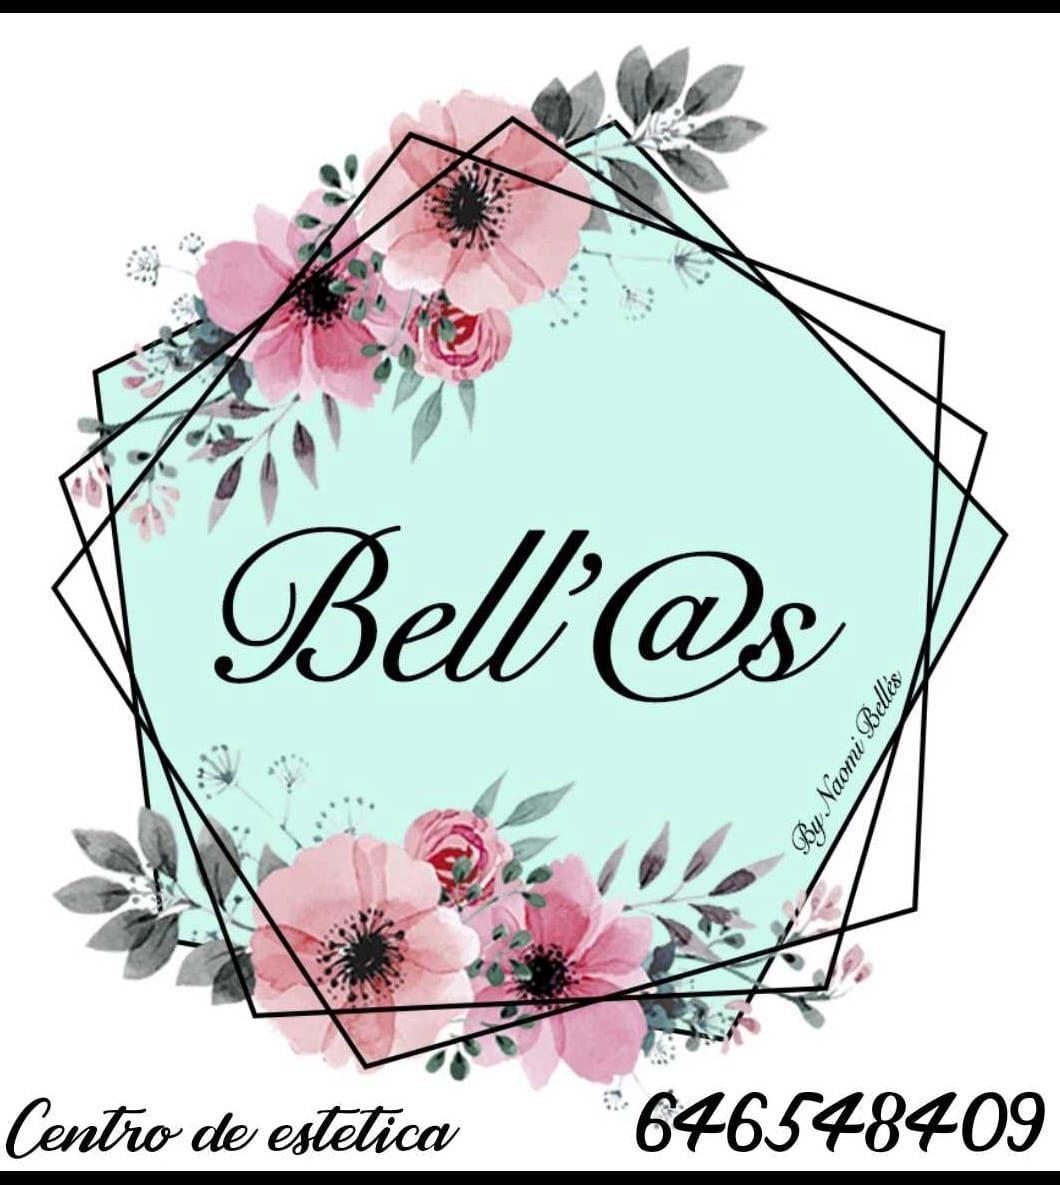 BELL'@S